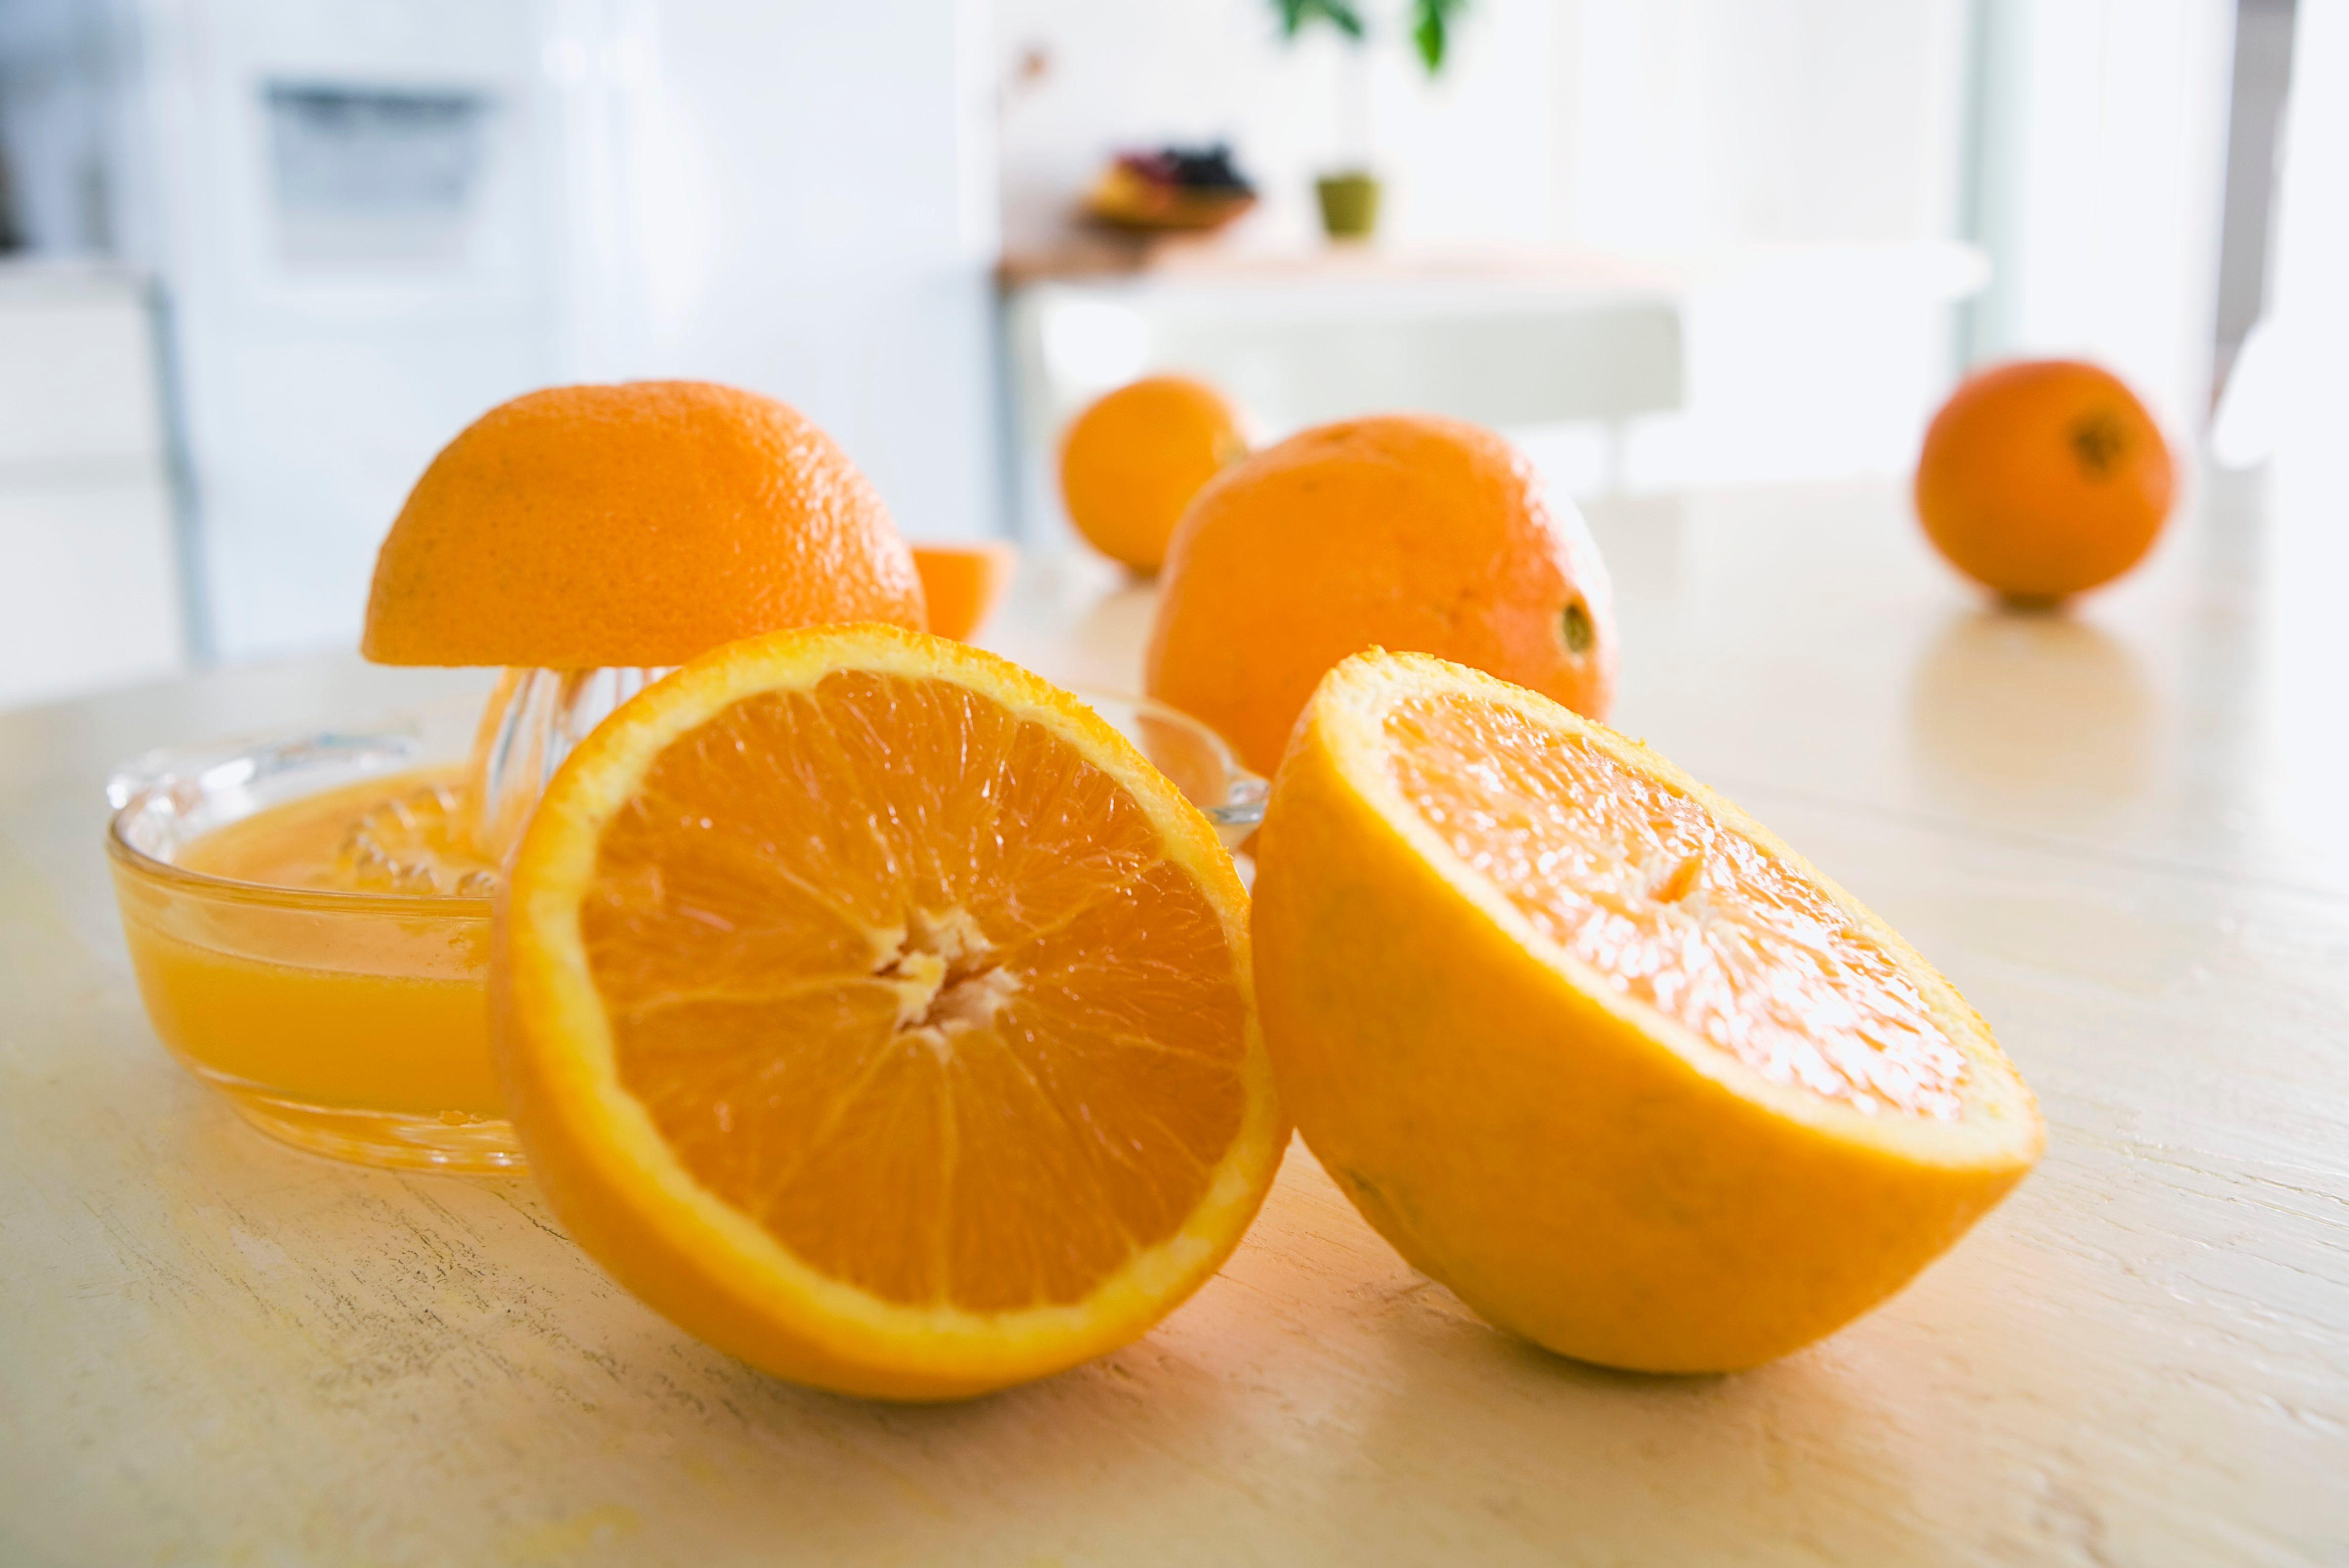 Juicing oranges